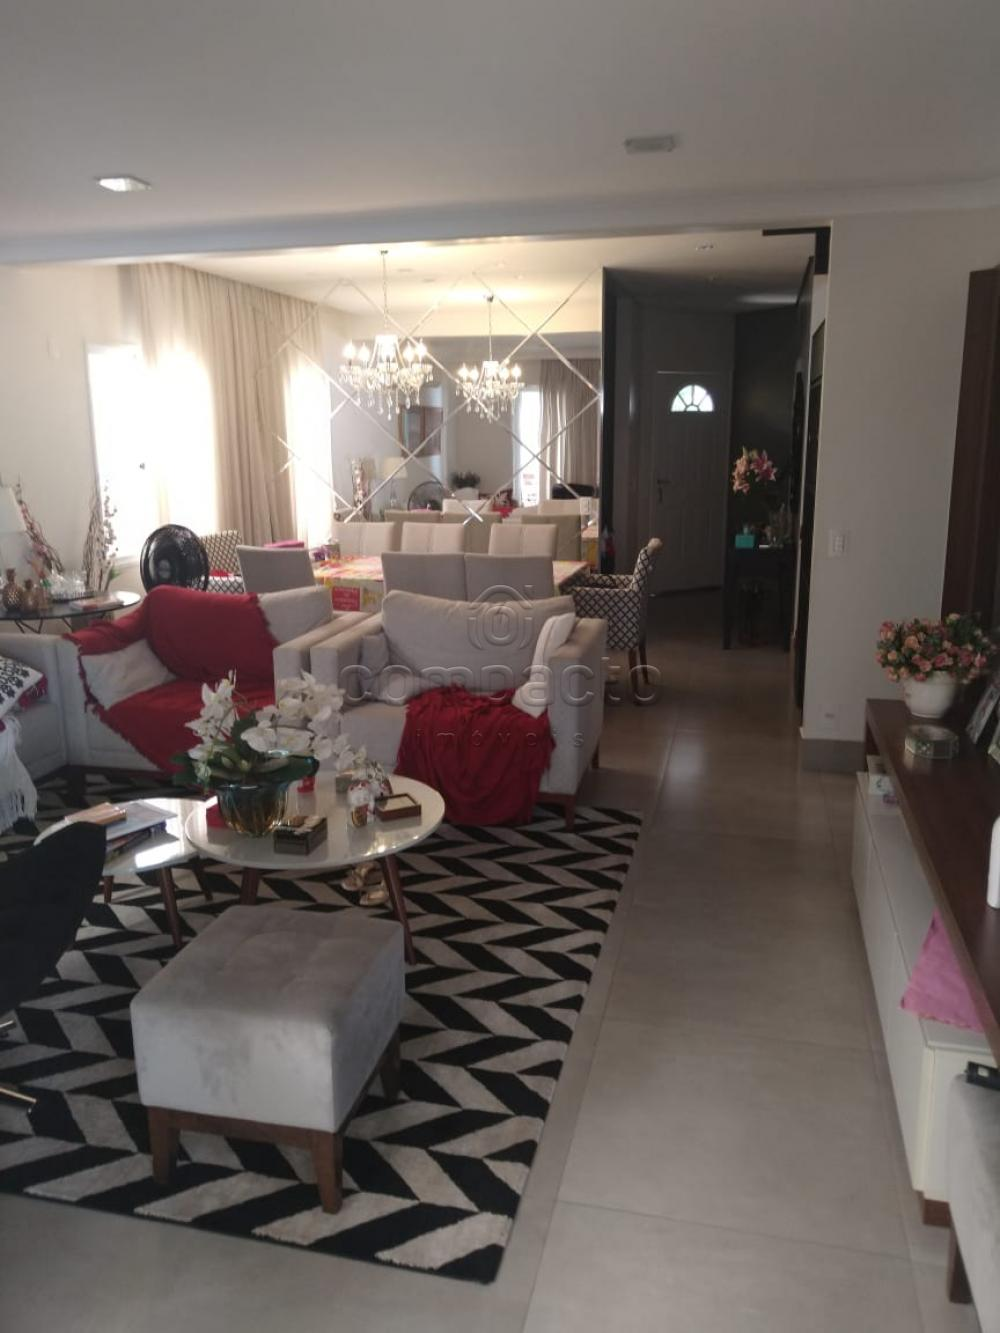 Comprar Casa / Condomínio em São José do Rio Preto apenas R$ 1.070.000,00 - Foto 3